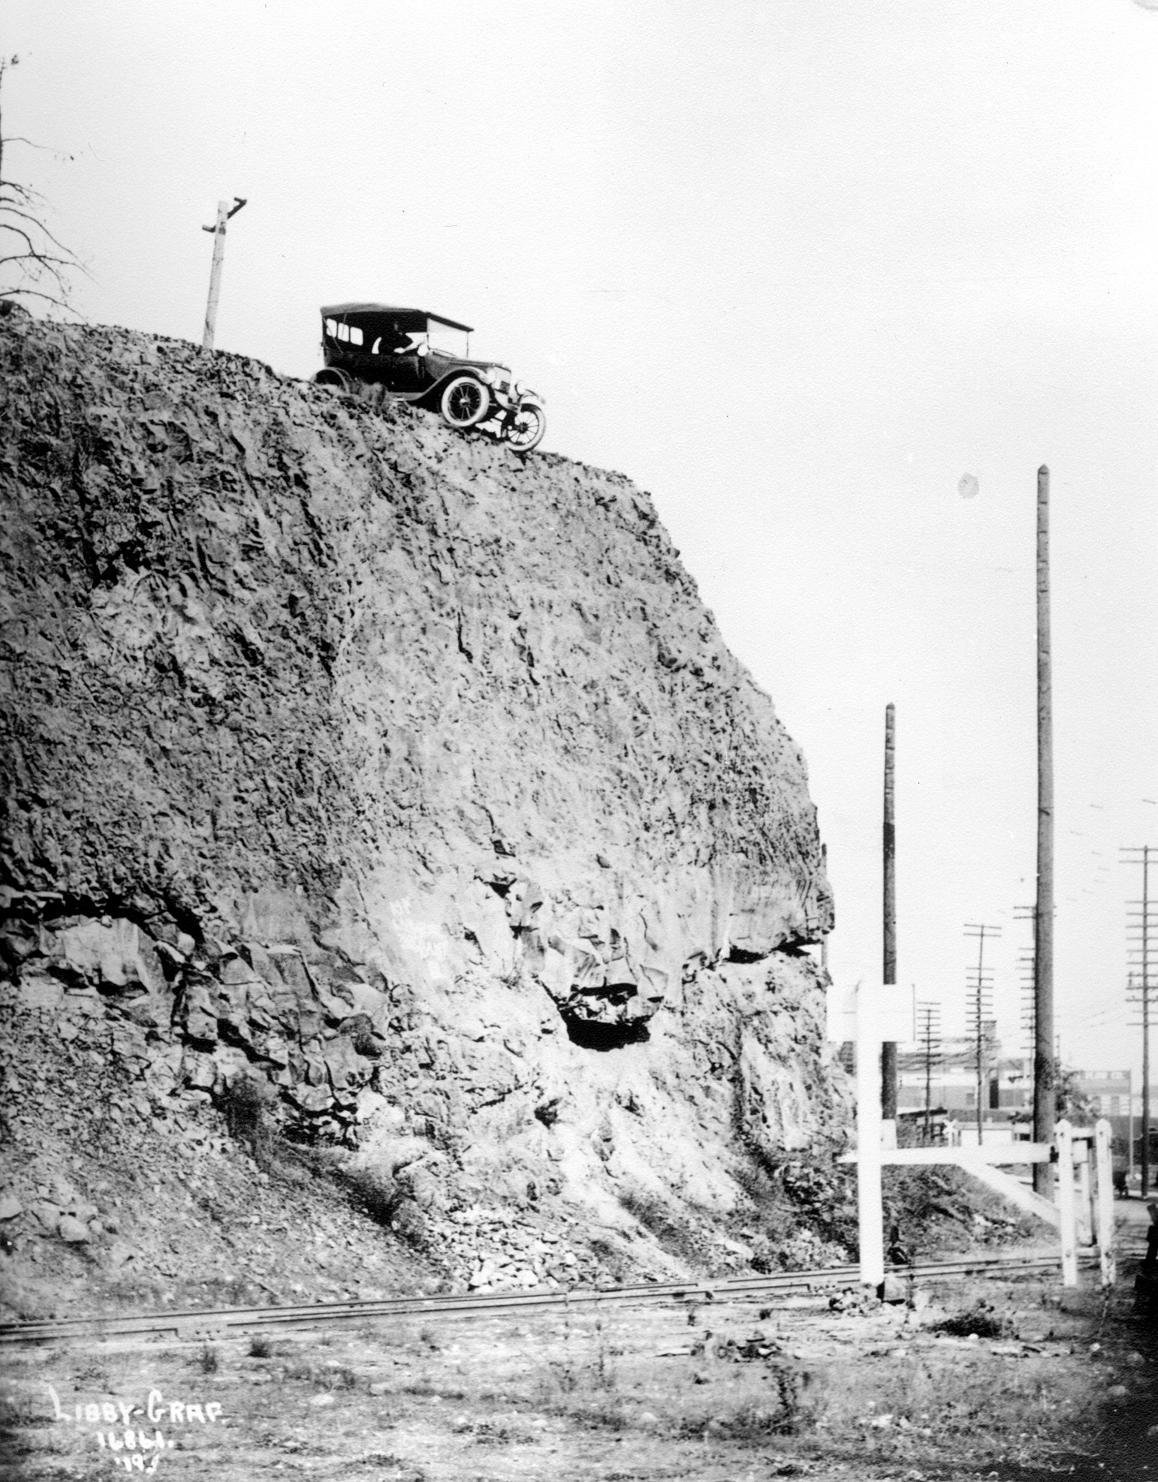 Evergreen Railroad Club: More Spokane & Inland Empire Railroad